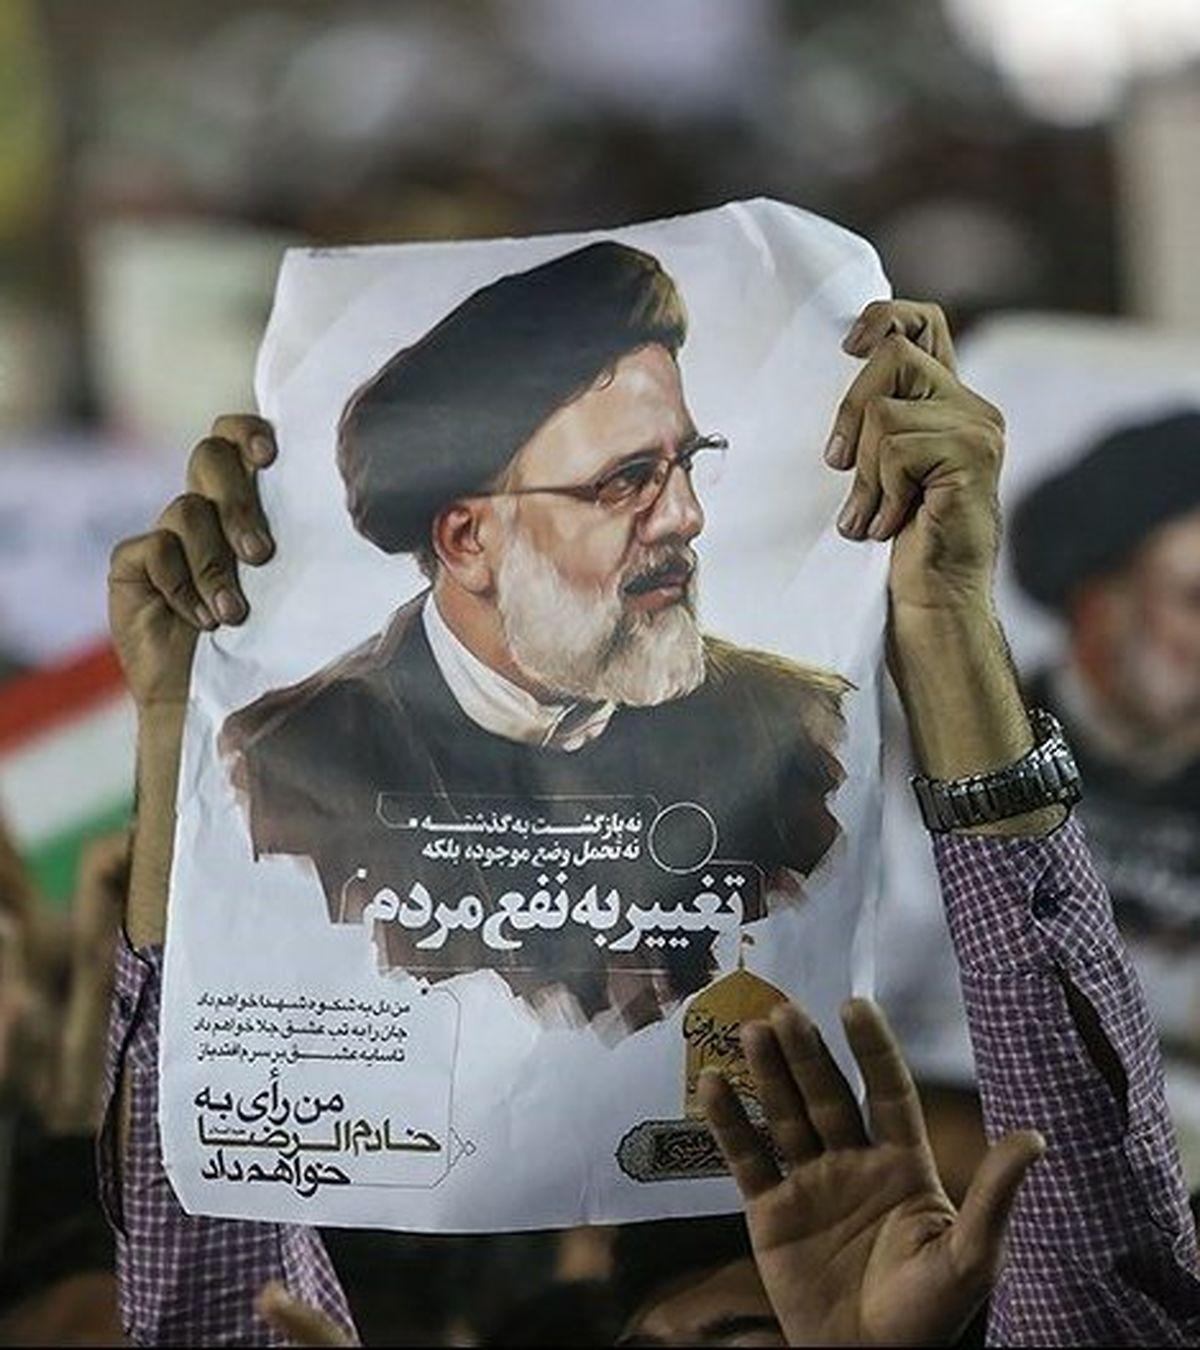 چرا ابراهیم رئیسی نباید احمدی نژاد و روحانی باشد؟